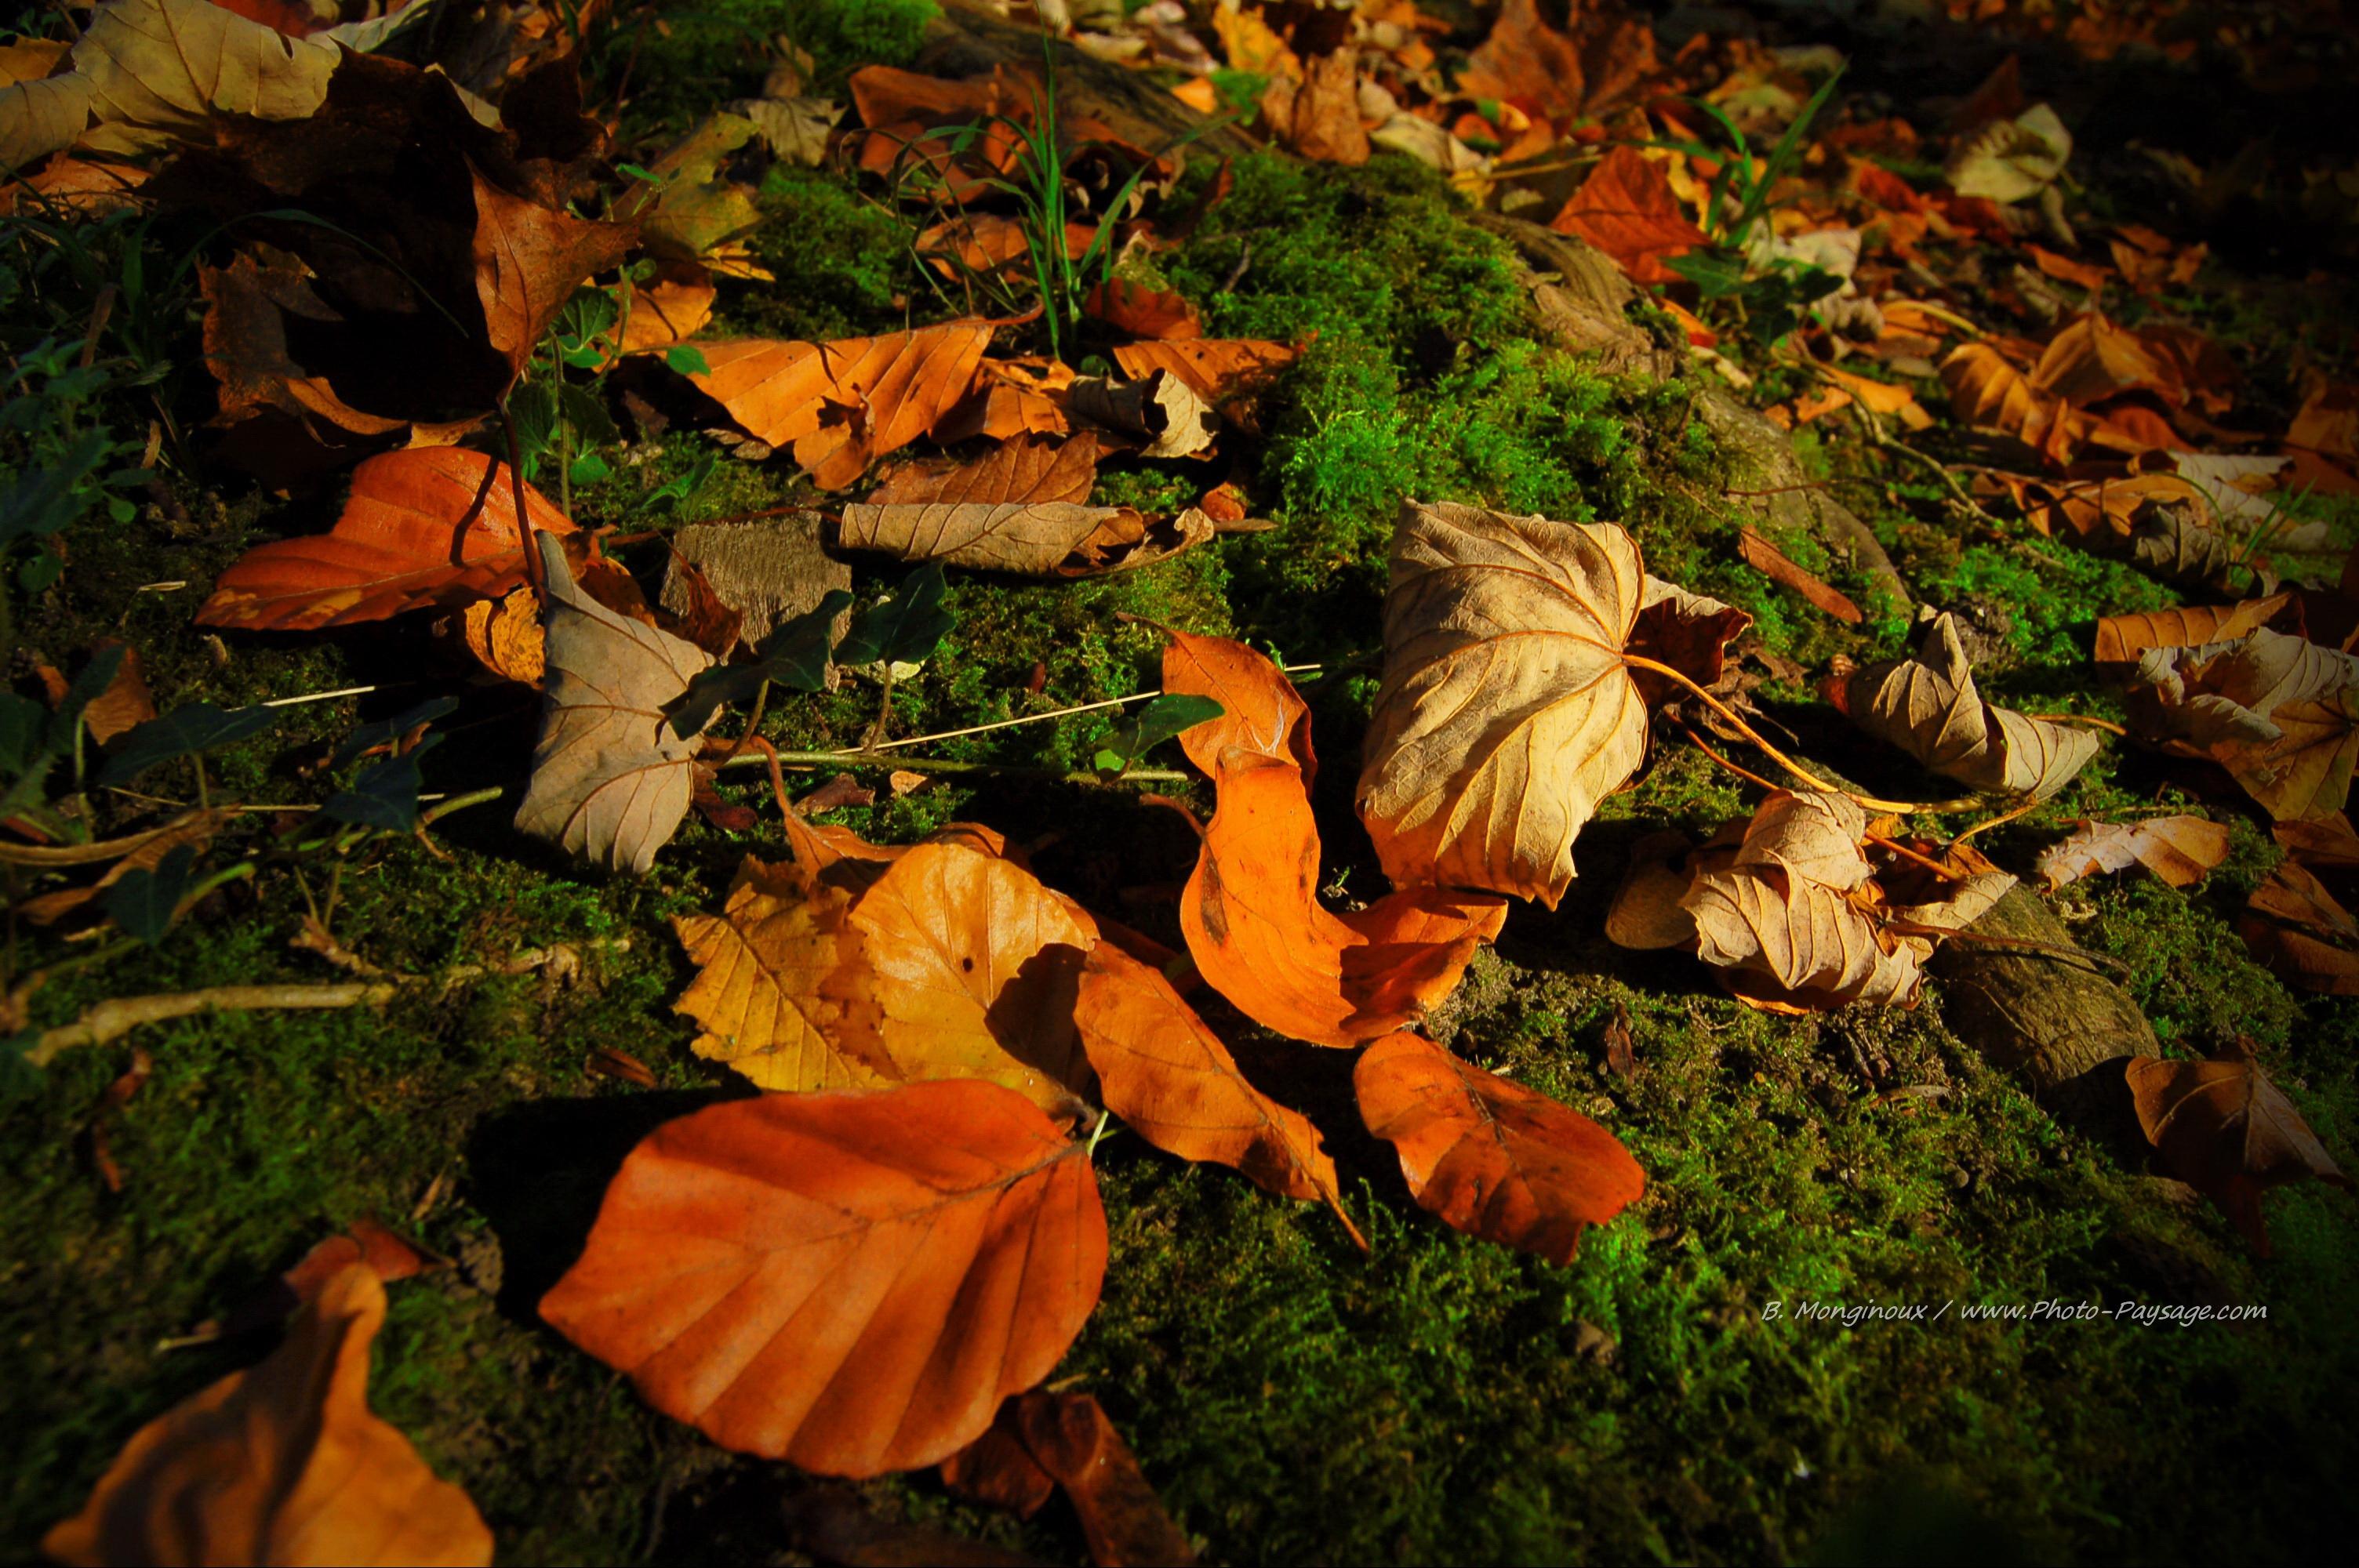 feuilles mortes sur tapis de mousse en sous bois jpg 3008 2000 ~ Feuille De Bois